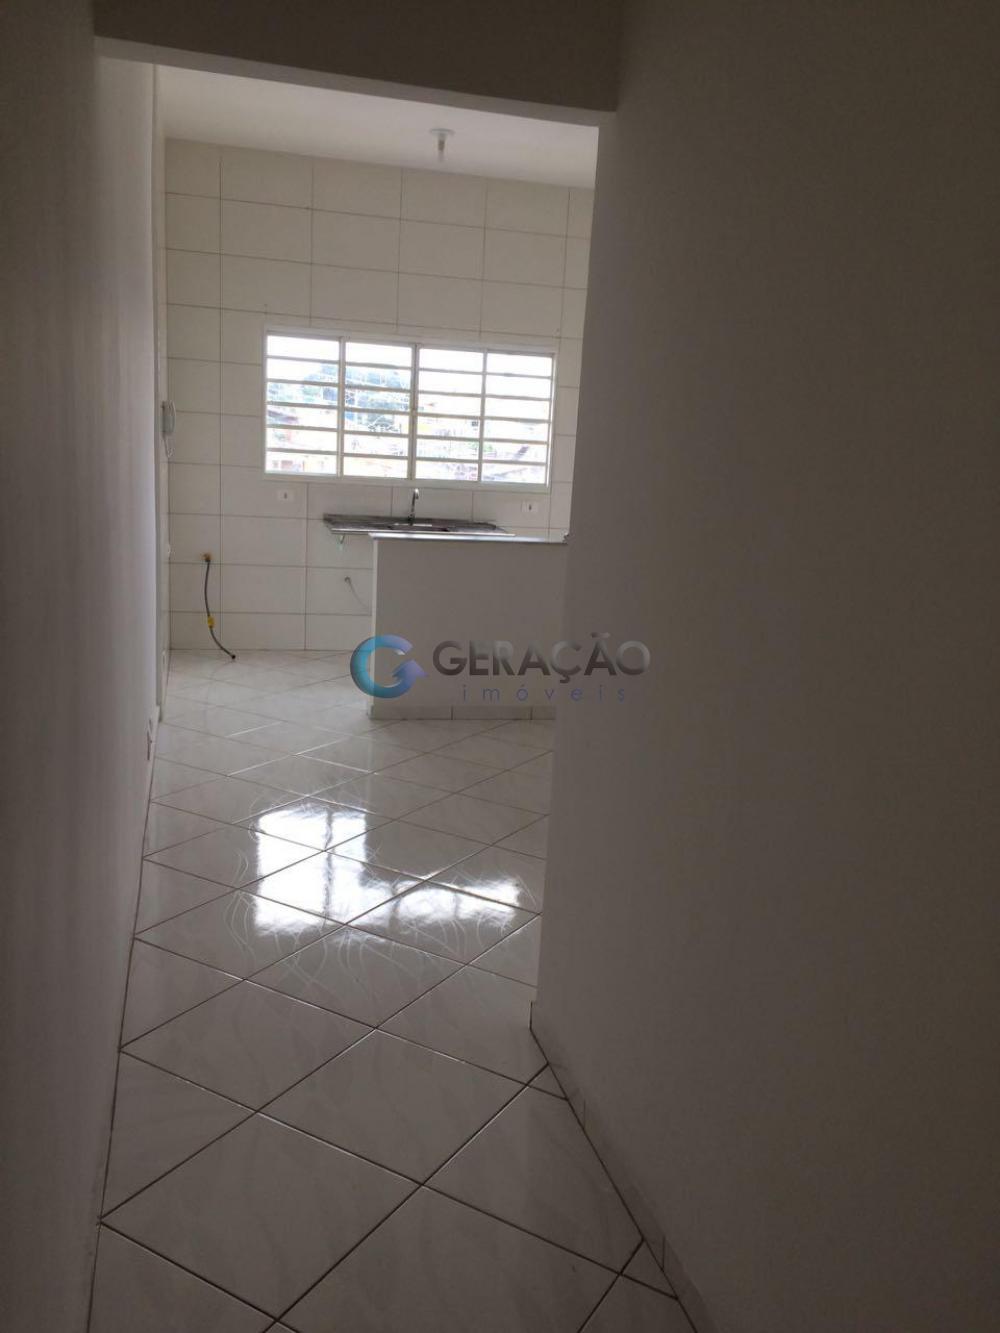 Comprar Comercial / Prédio em São José dos Campos apenas R$ 840.500,00 - Foto 8